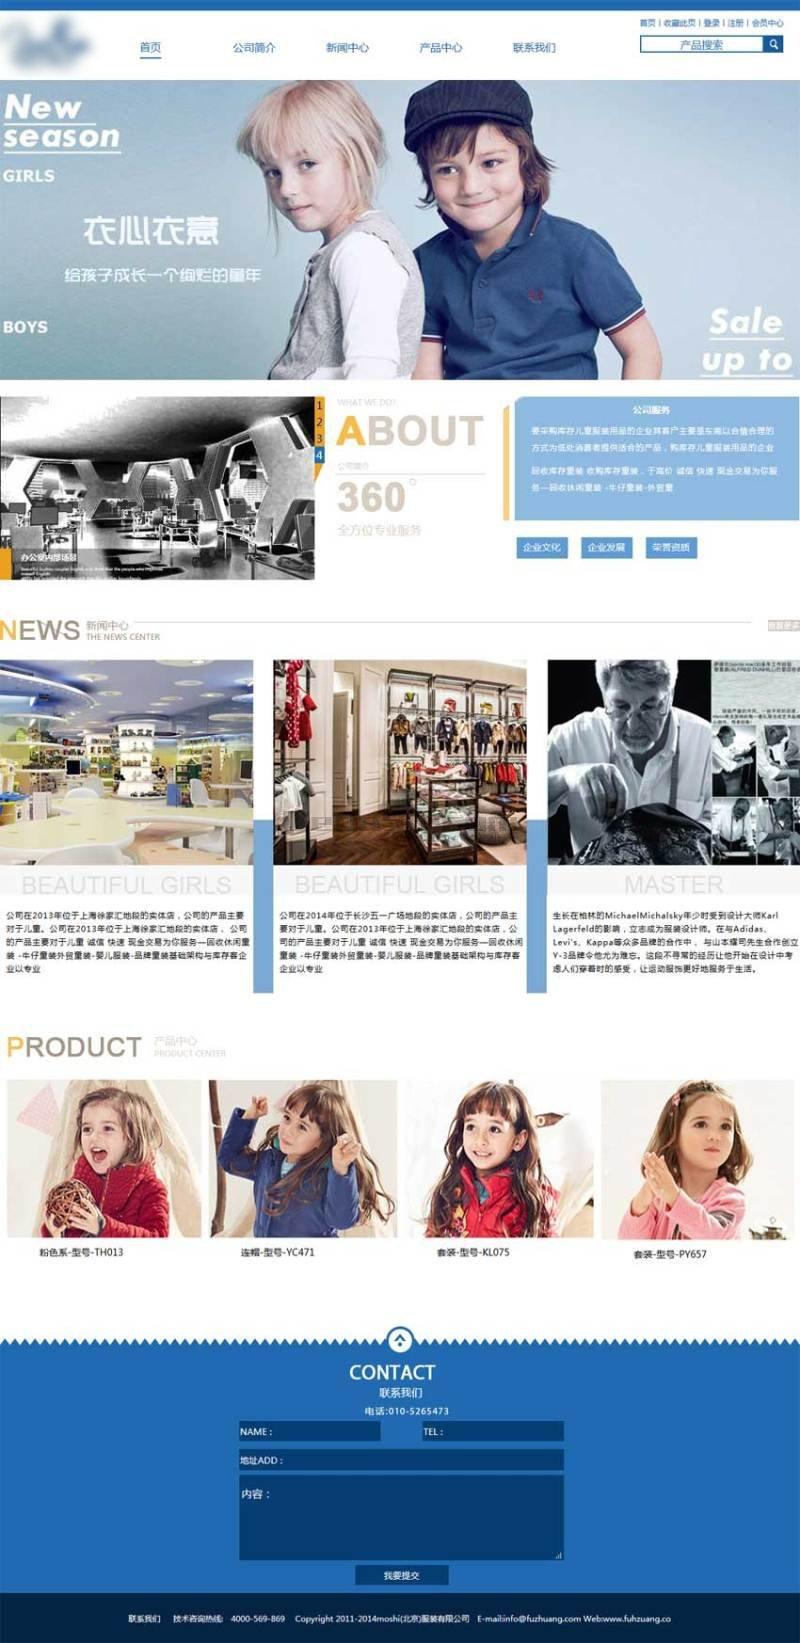 蓝色的儿童服装公司网站html模板